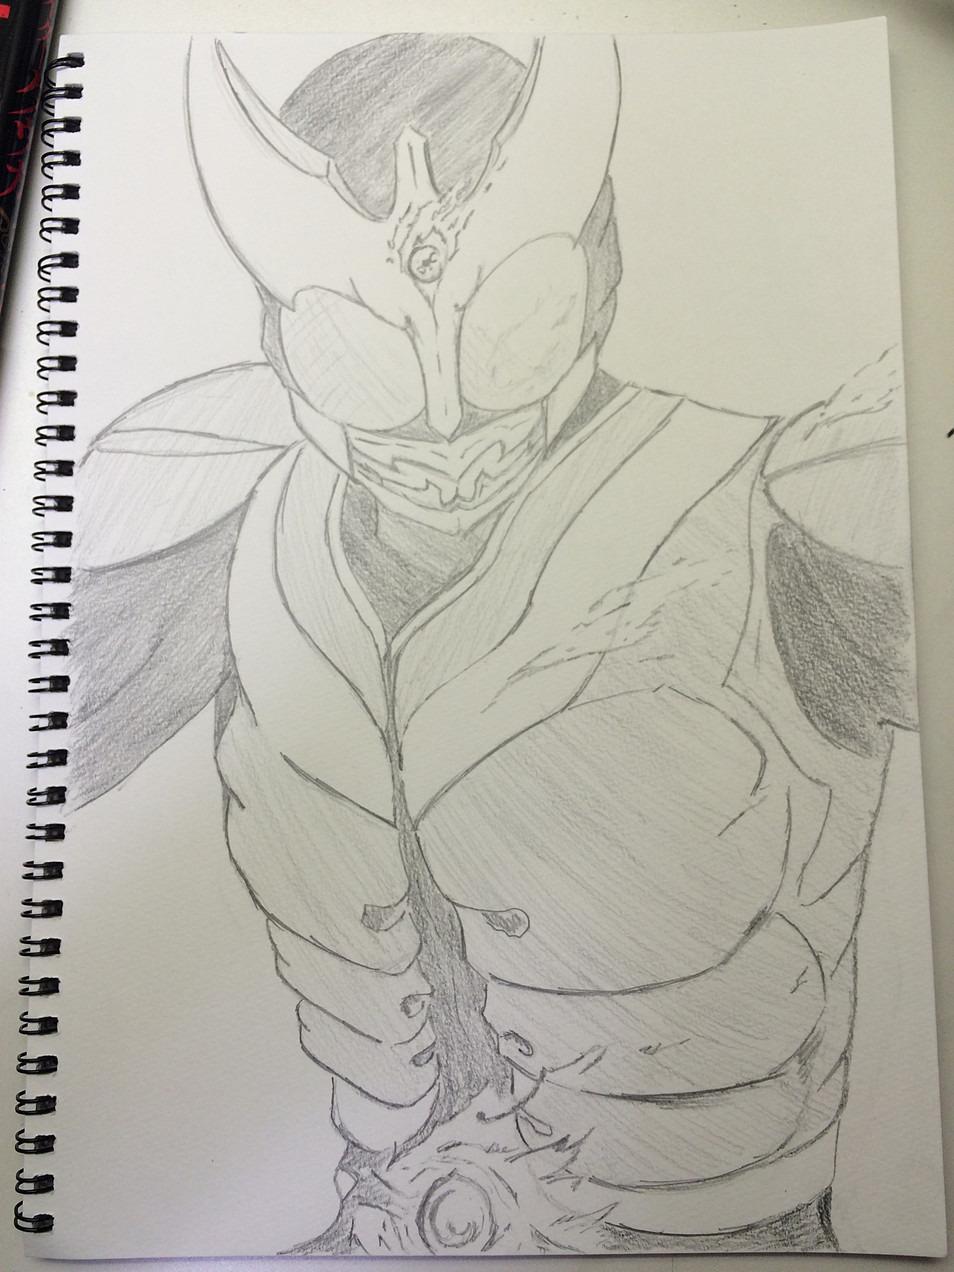 仮面ライダークウガ (キャラクター)の画像 p1_40